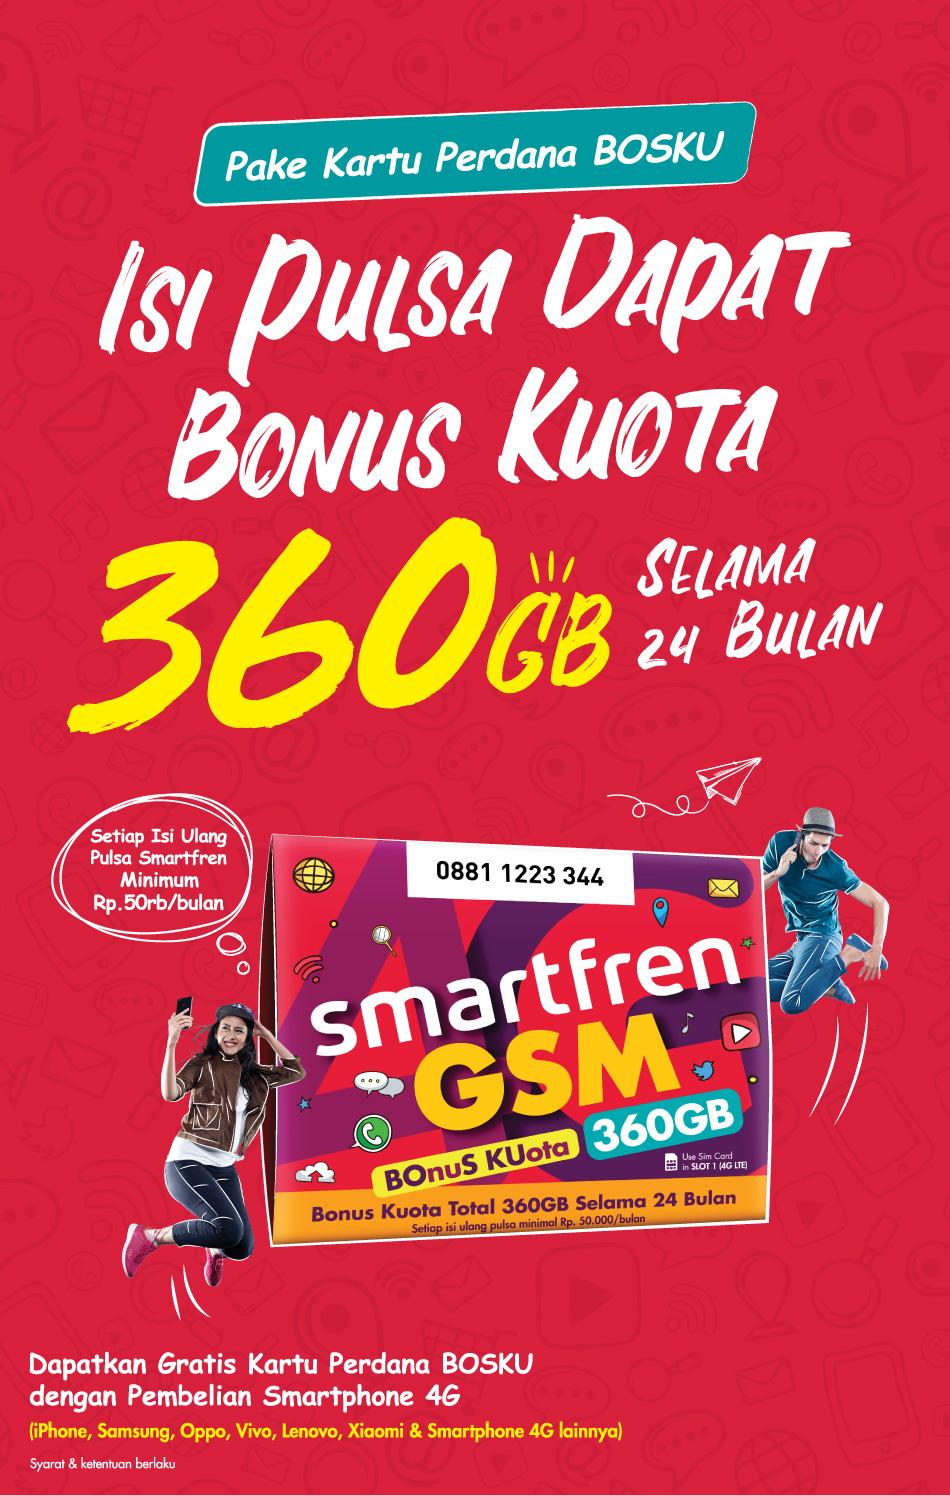 kartu perdana Smartfren BOSKU, Dapat 360 GB selama 24 Bulan